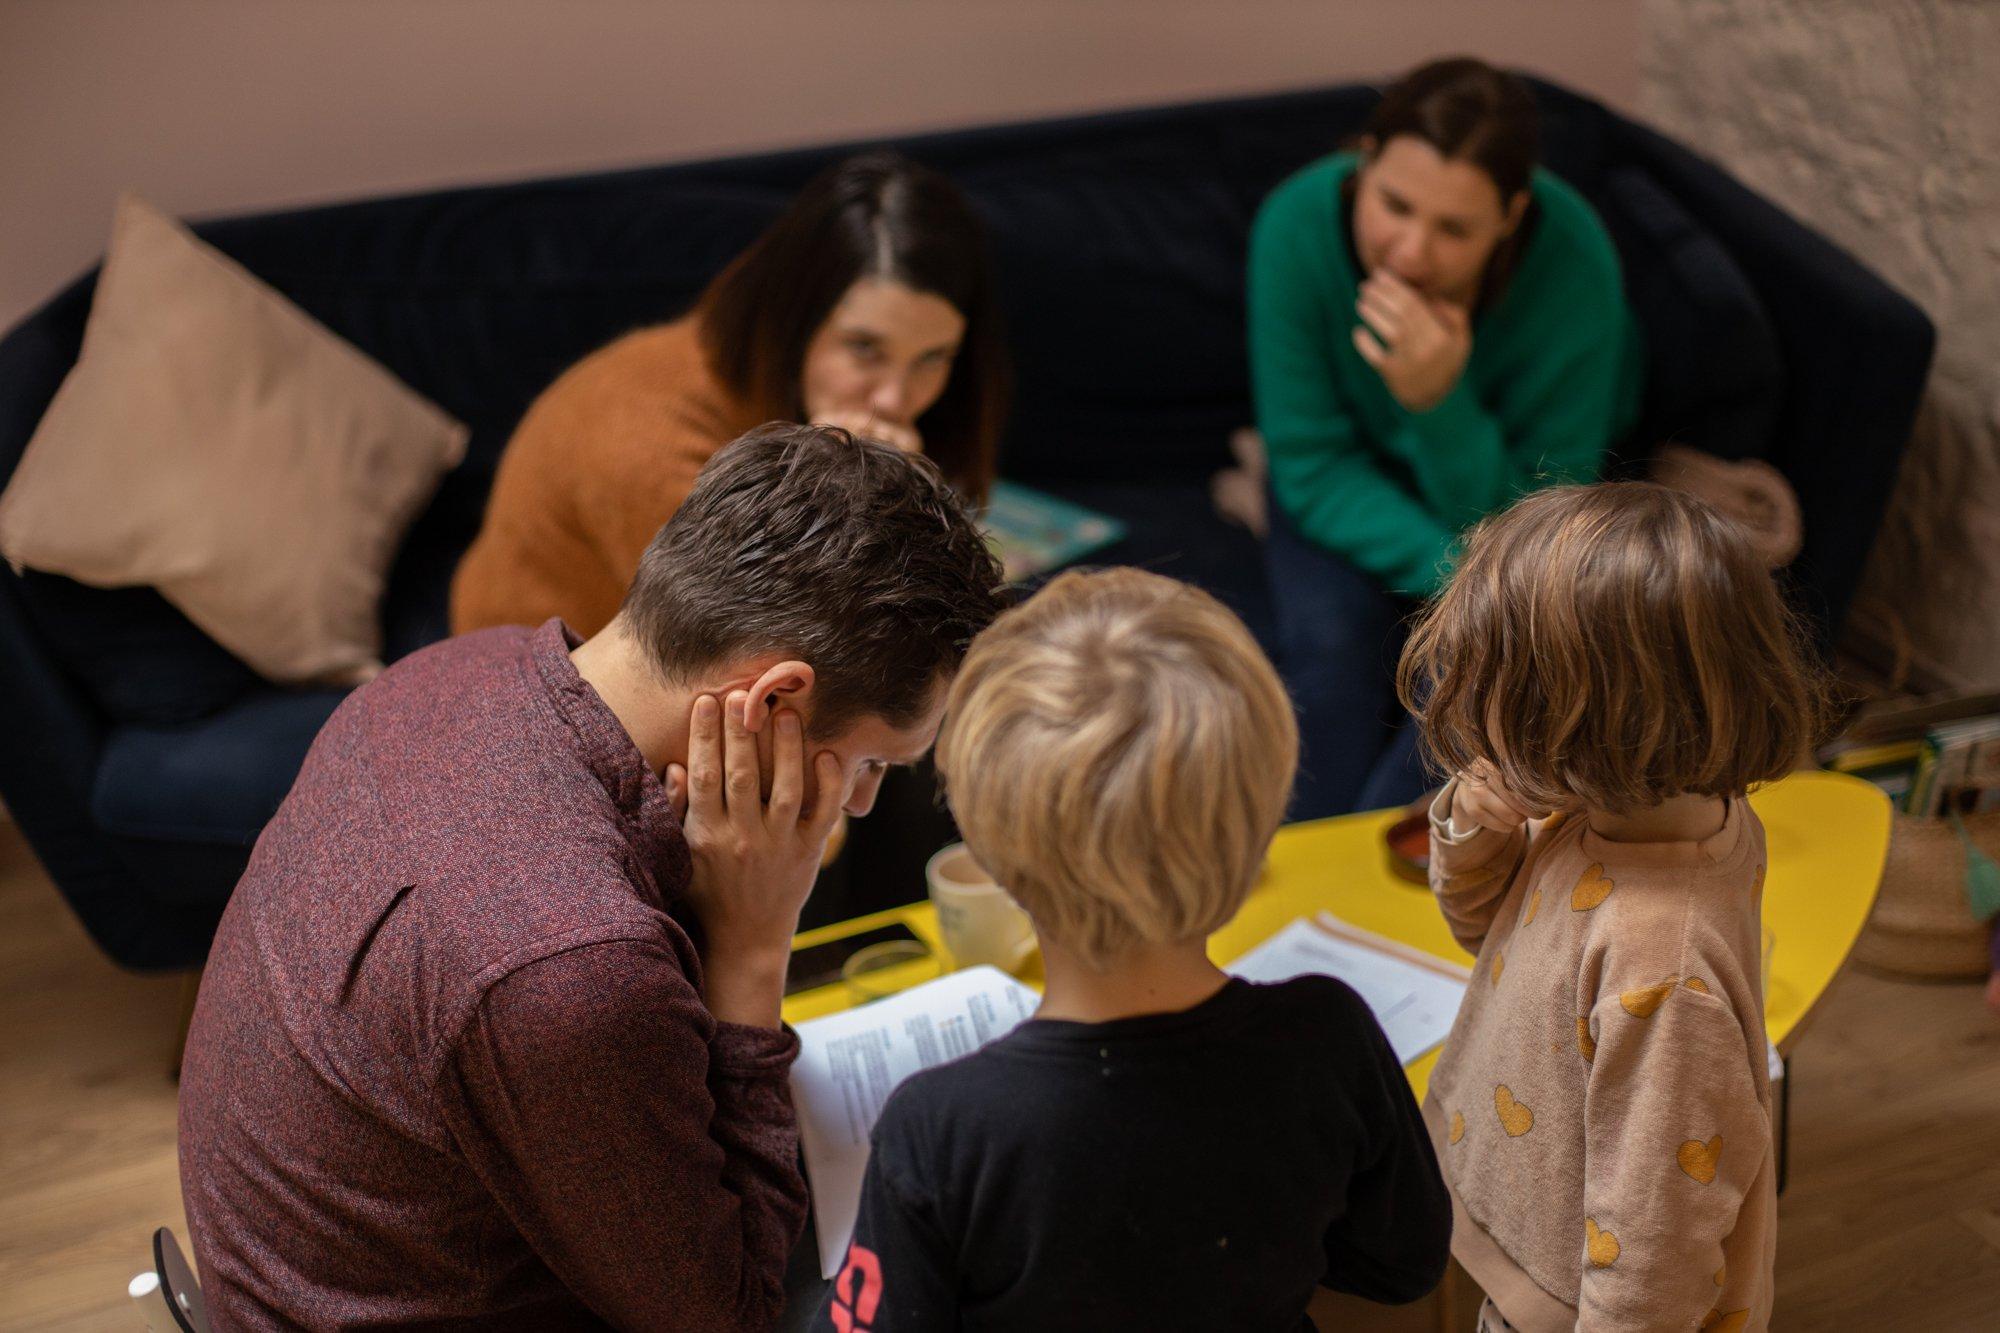 idée d'activité à la maison / escape game home / withalovelikethat.fr